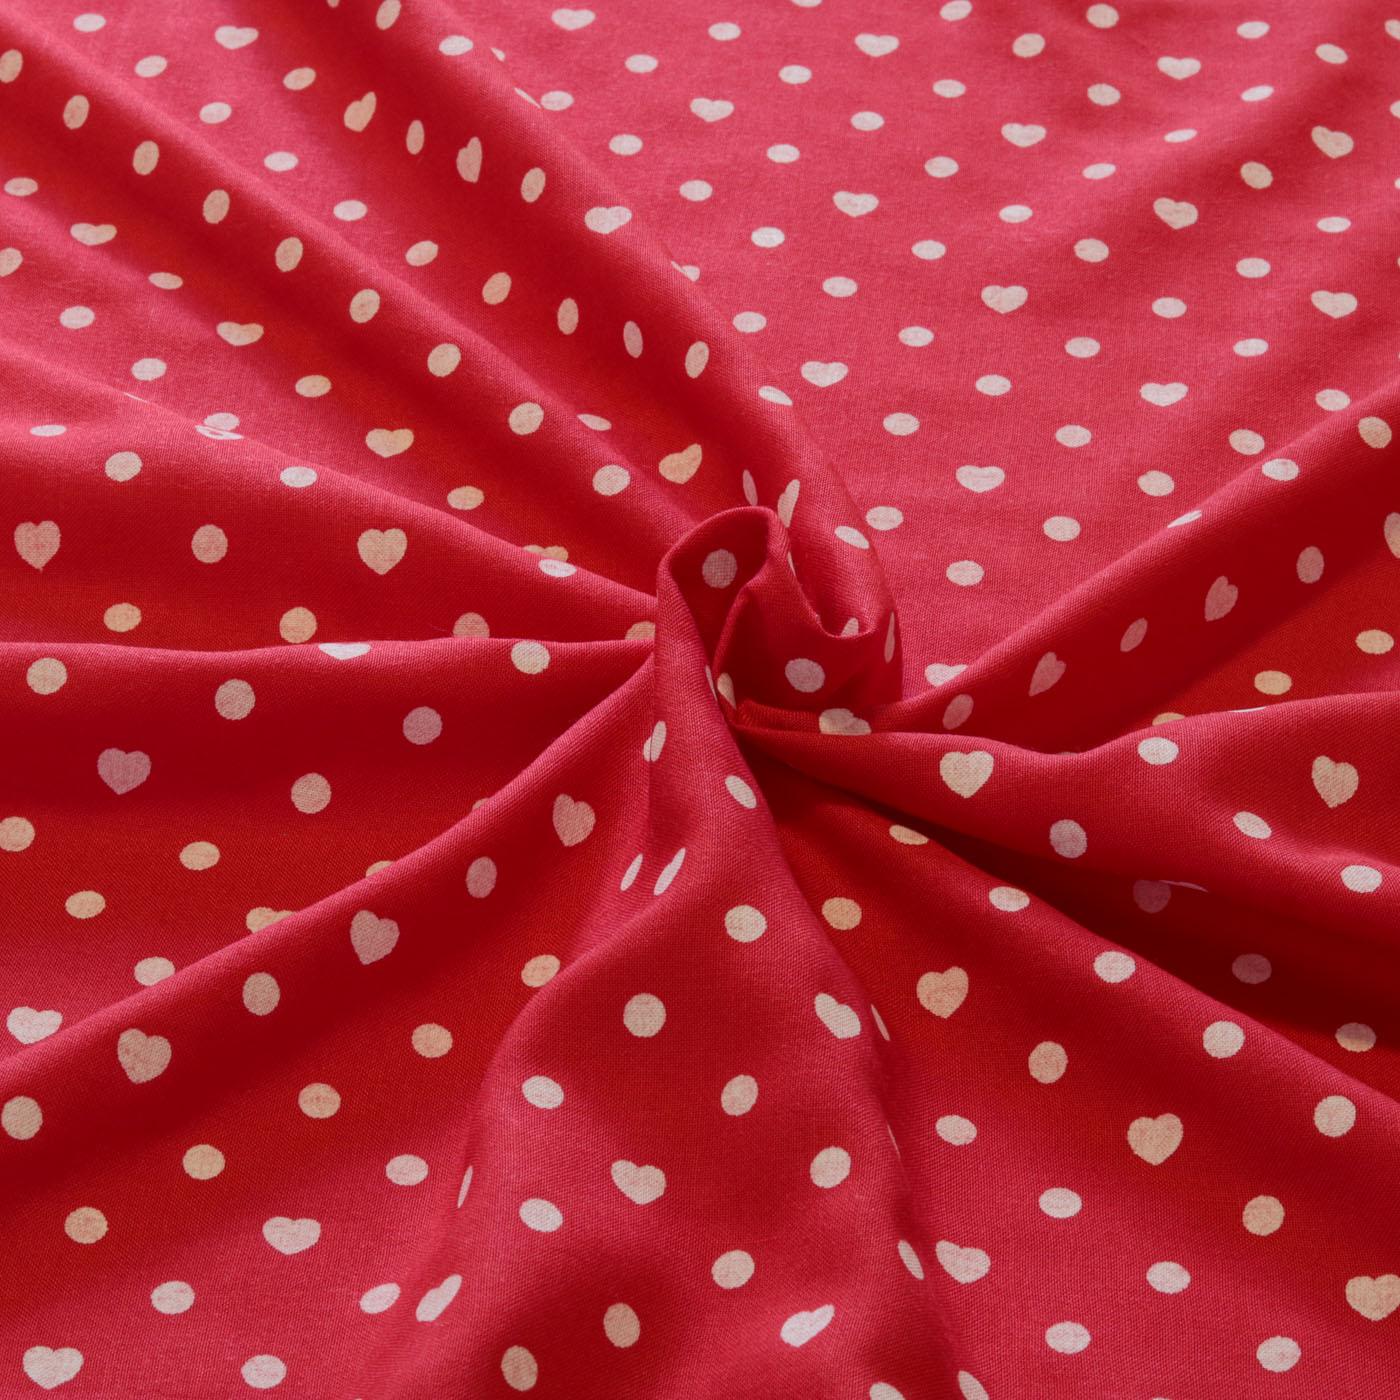 Tecido Viscose Estampado Poa Coração 1,45 m Largura Vermelho